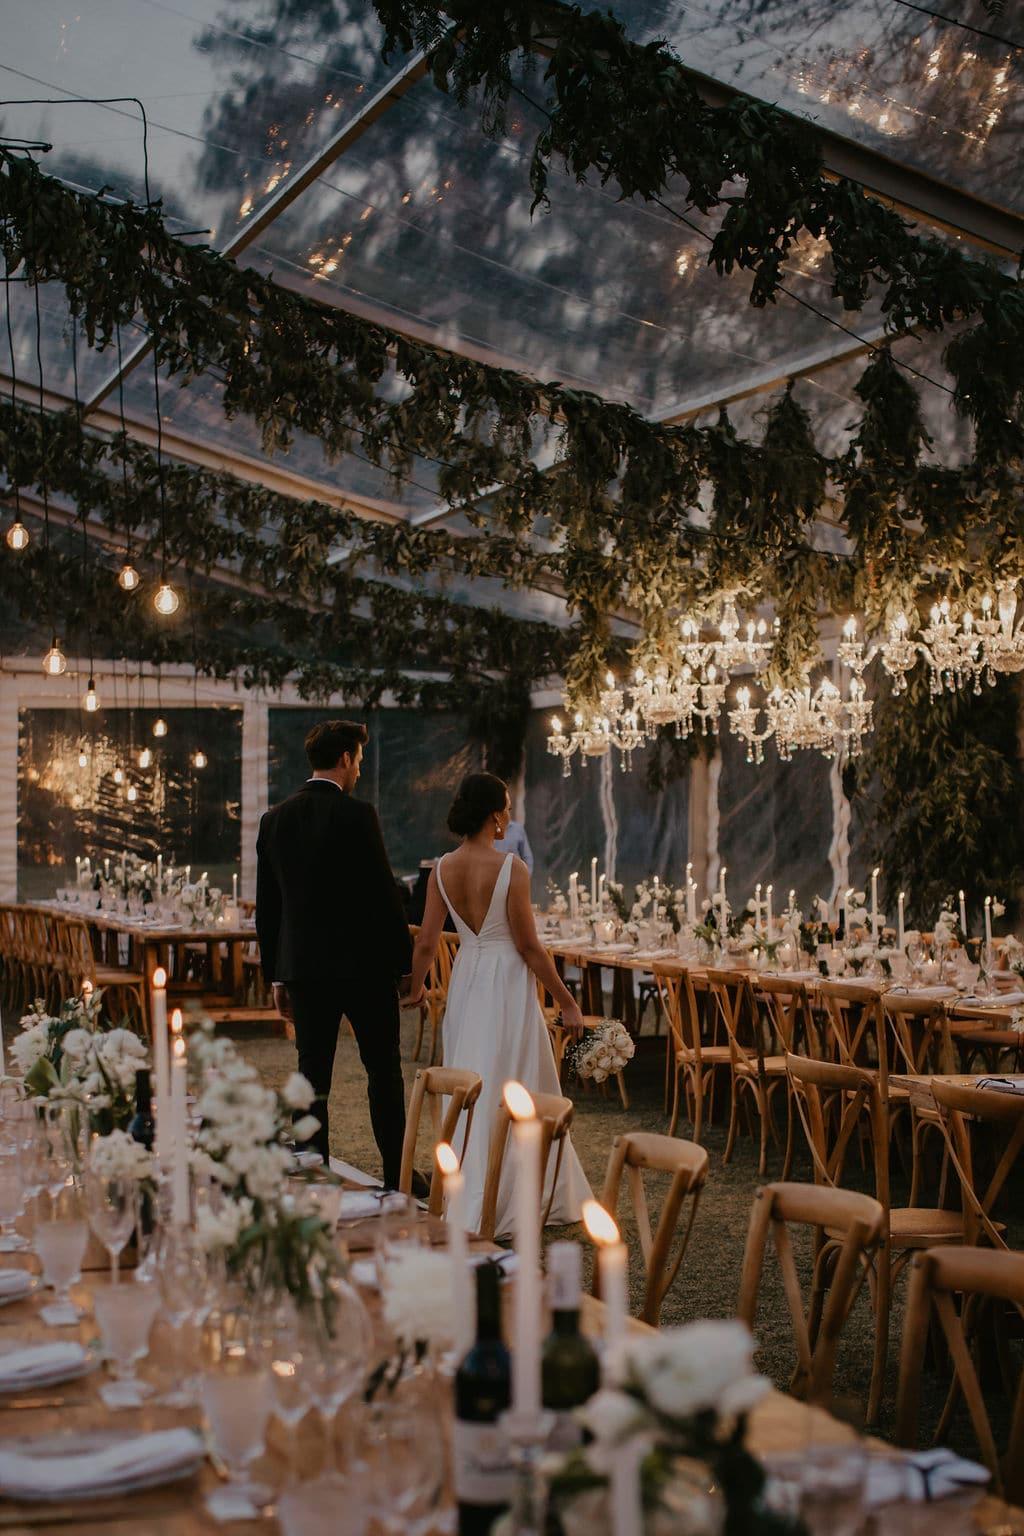 MAGIC LIGHT SEASON: תאורה נכונה לחתונה קסומה